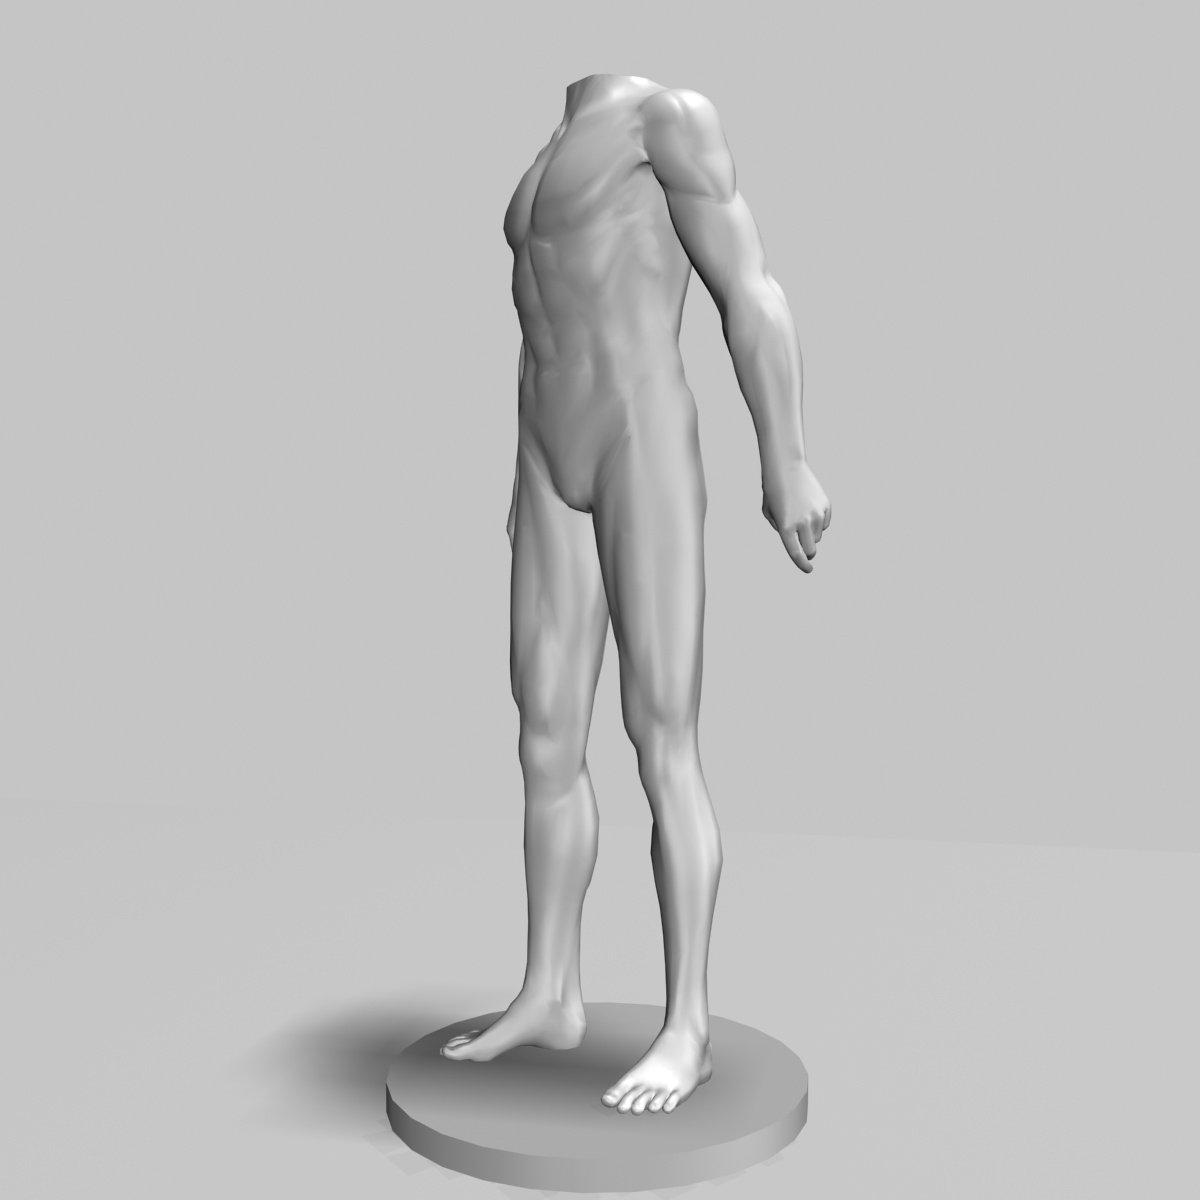 Male Mannequin 3D Model in Man 3DExport